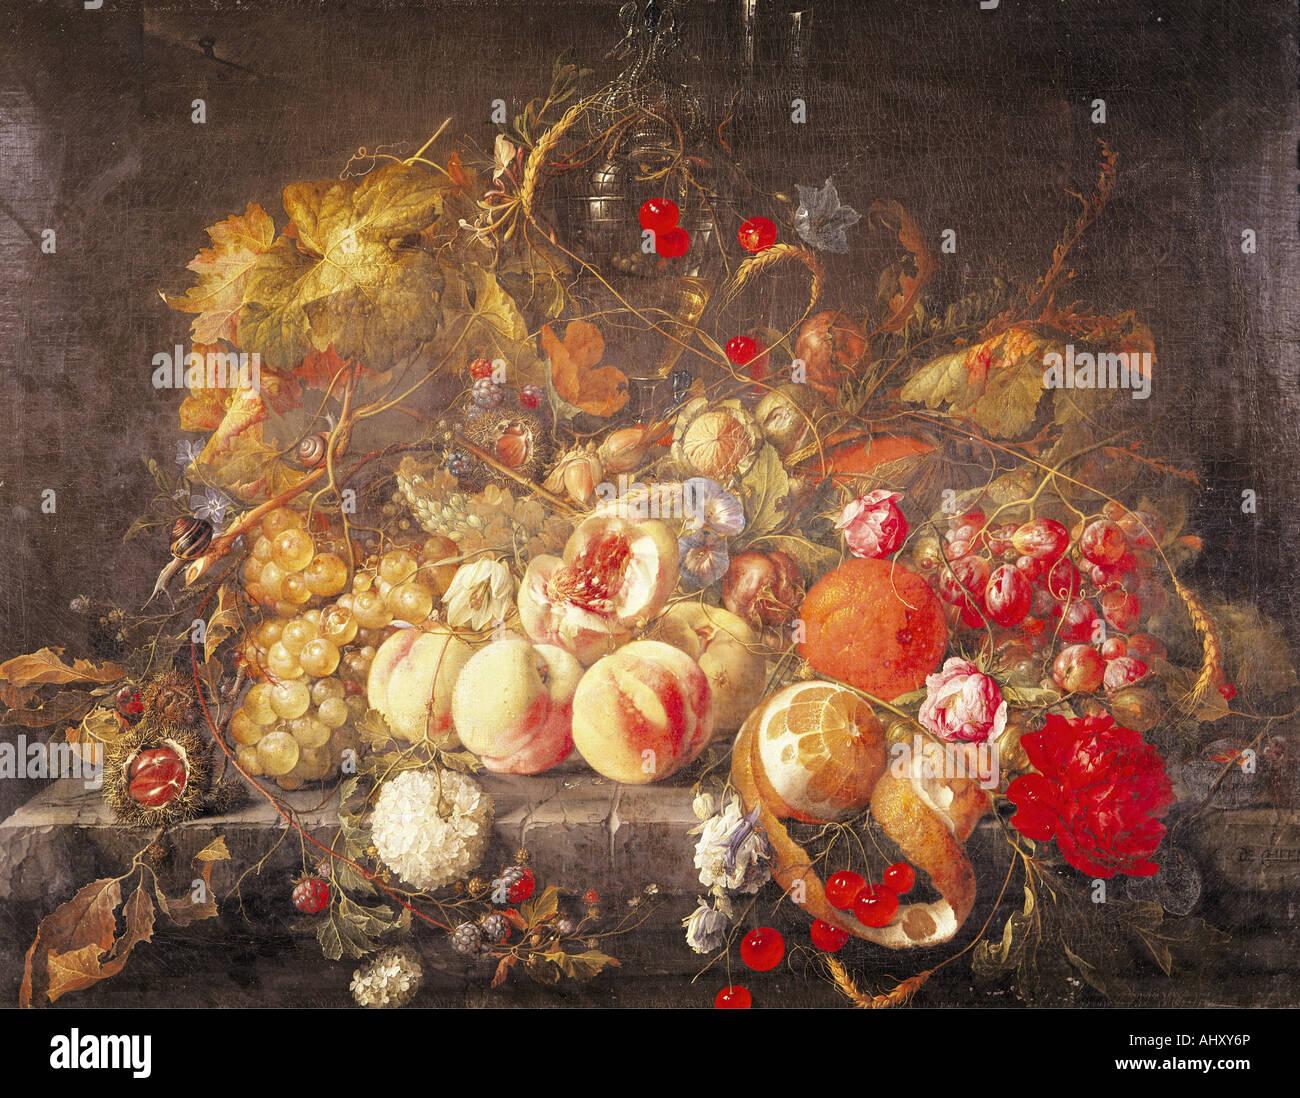 """""""Bellas Artes, Heem, Jan Davidsz de, (1606 - 1684), pintura, 'Still life', óleo sobre panel, 55,8 cm x 73,5 cm, Foto de stock"""